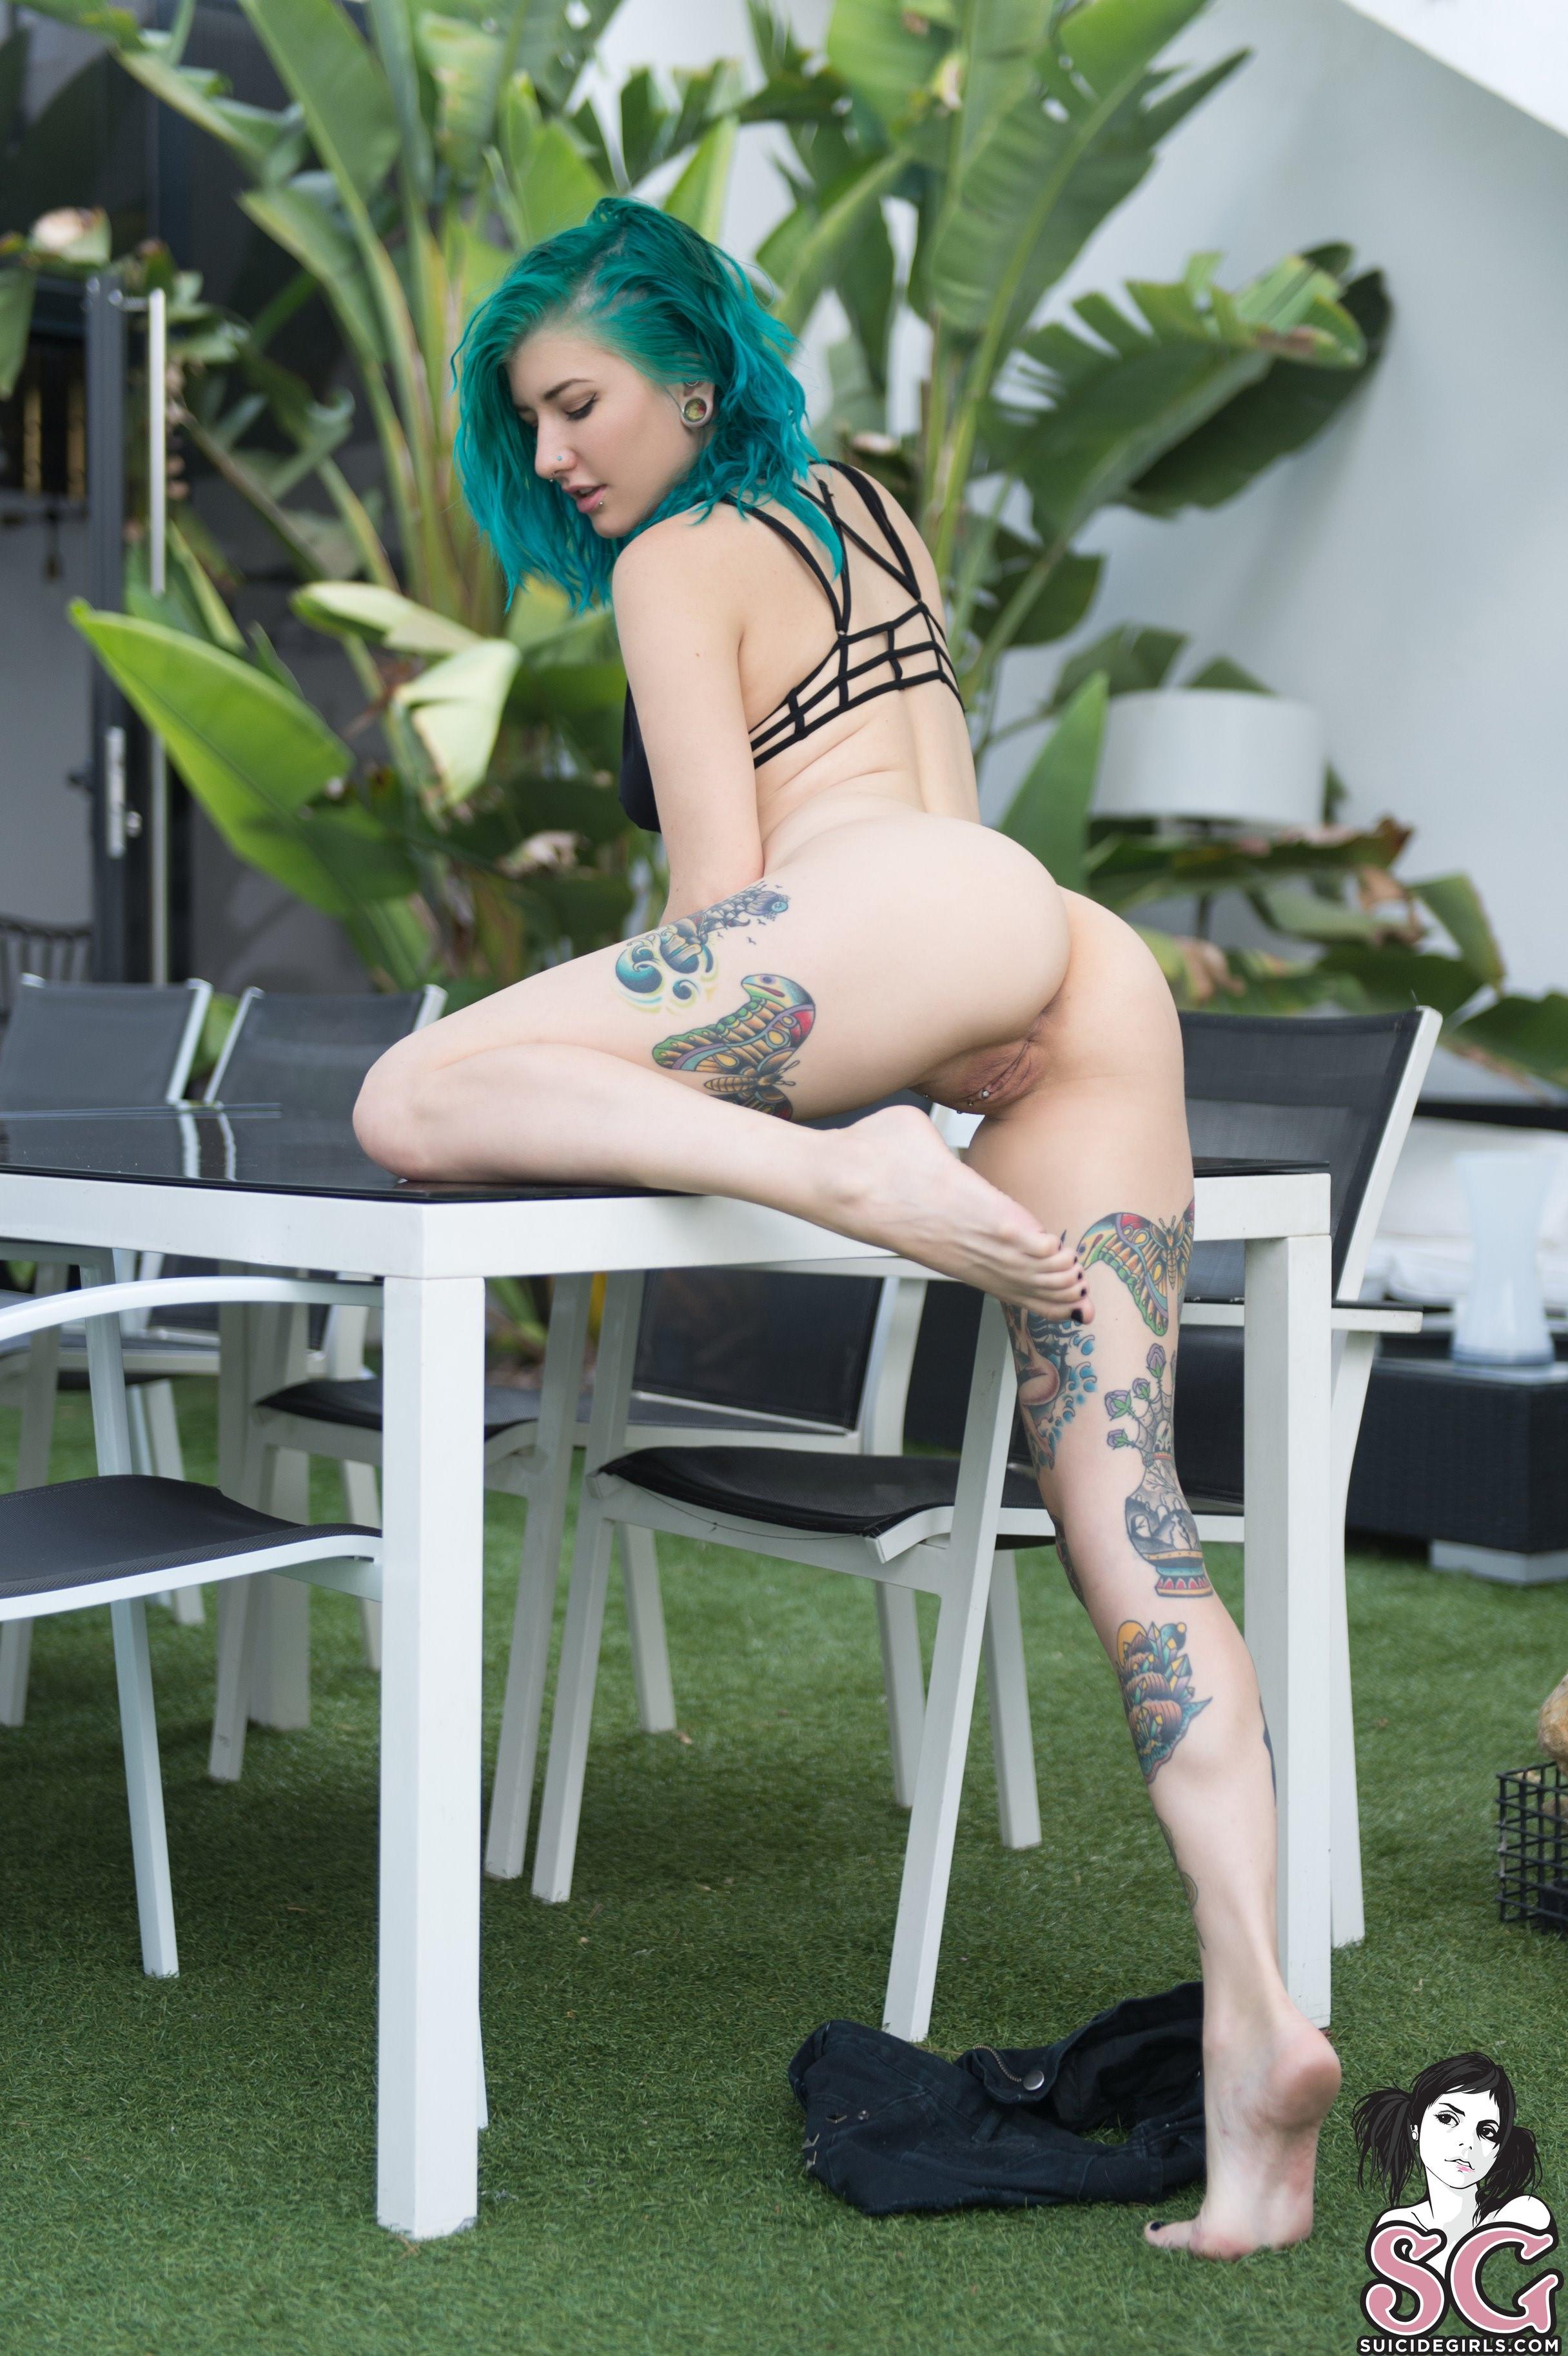 Girl nackt sg skella Inked Girls